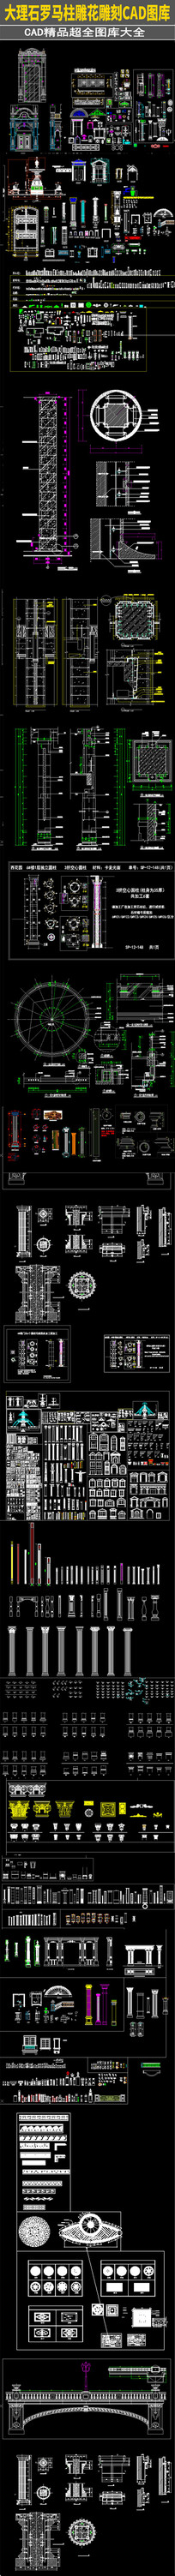 大理石罗马柱雕花雕刻CAD图库